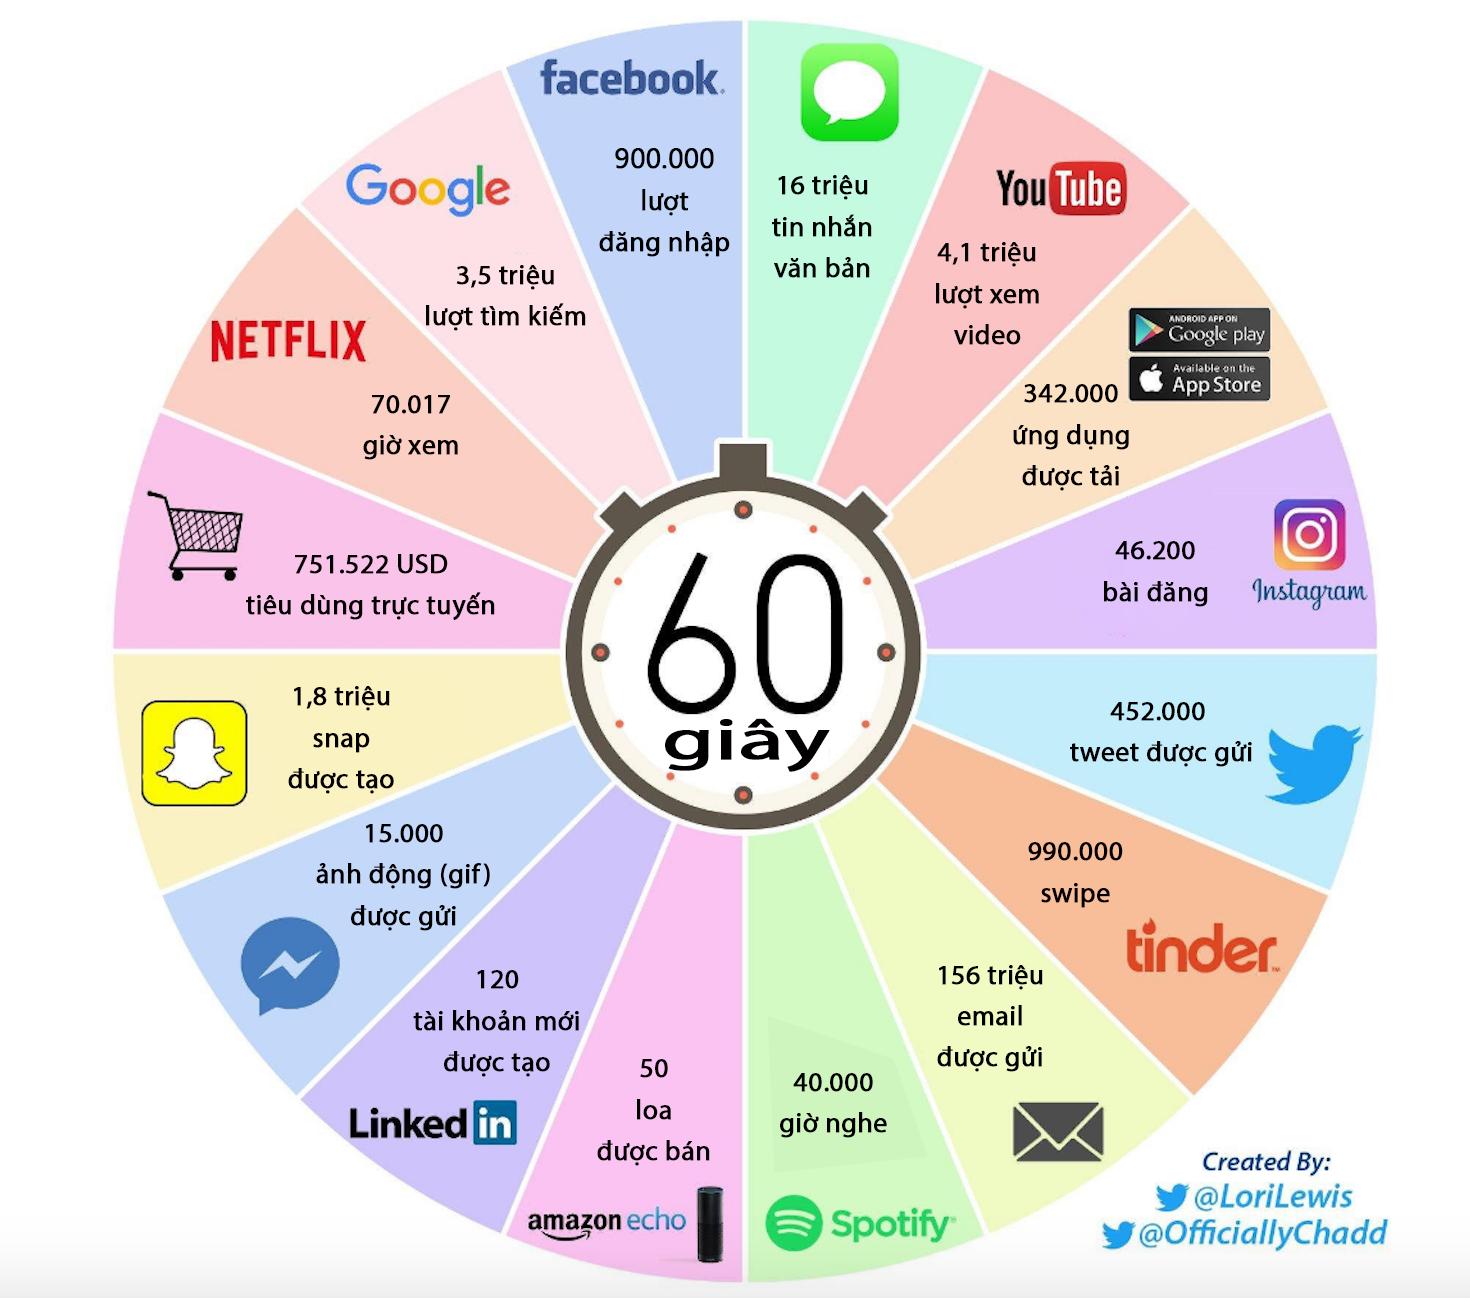 Điều gì sẽ xảy ra trên Internet trong 60 giây